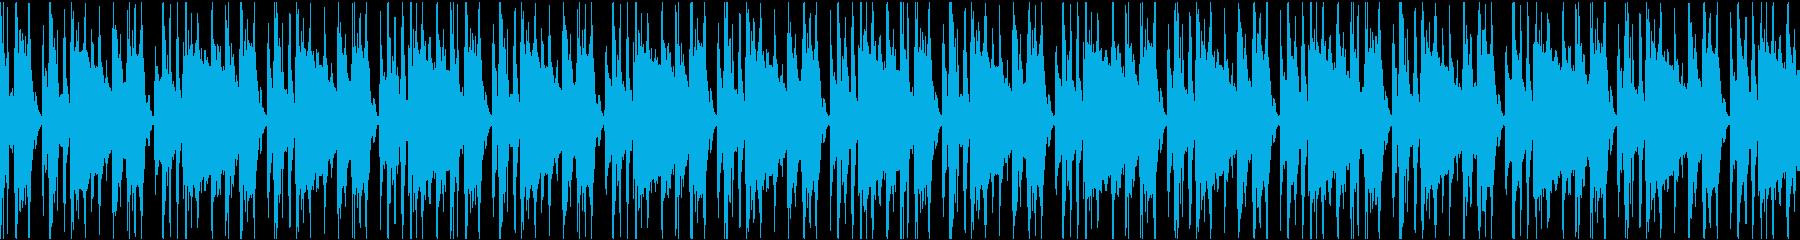 スピード感を演出したい時のドラムループの再生済みの波形